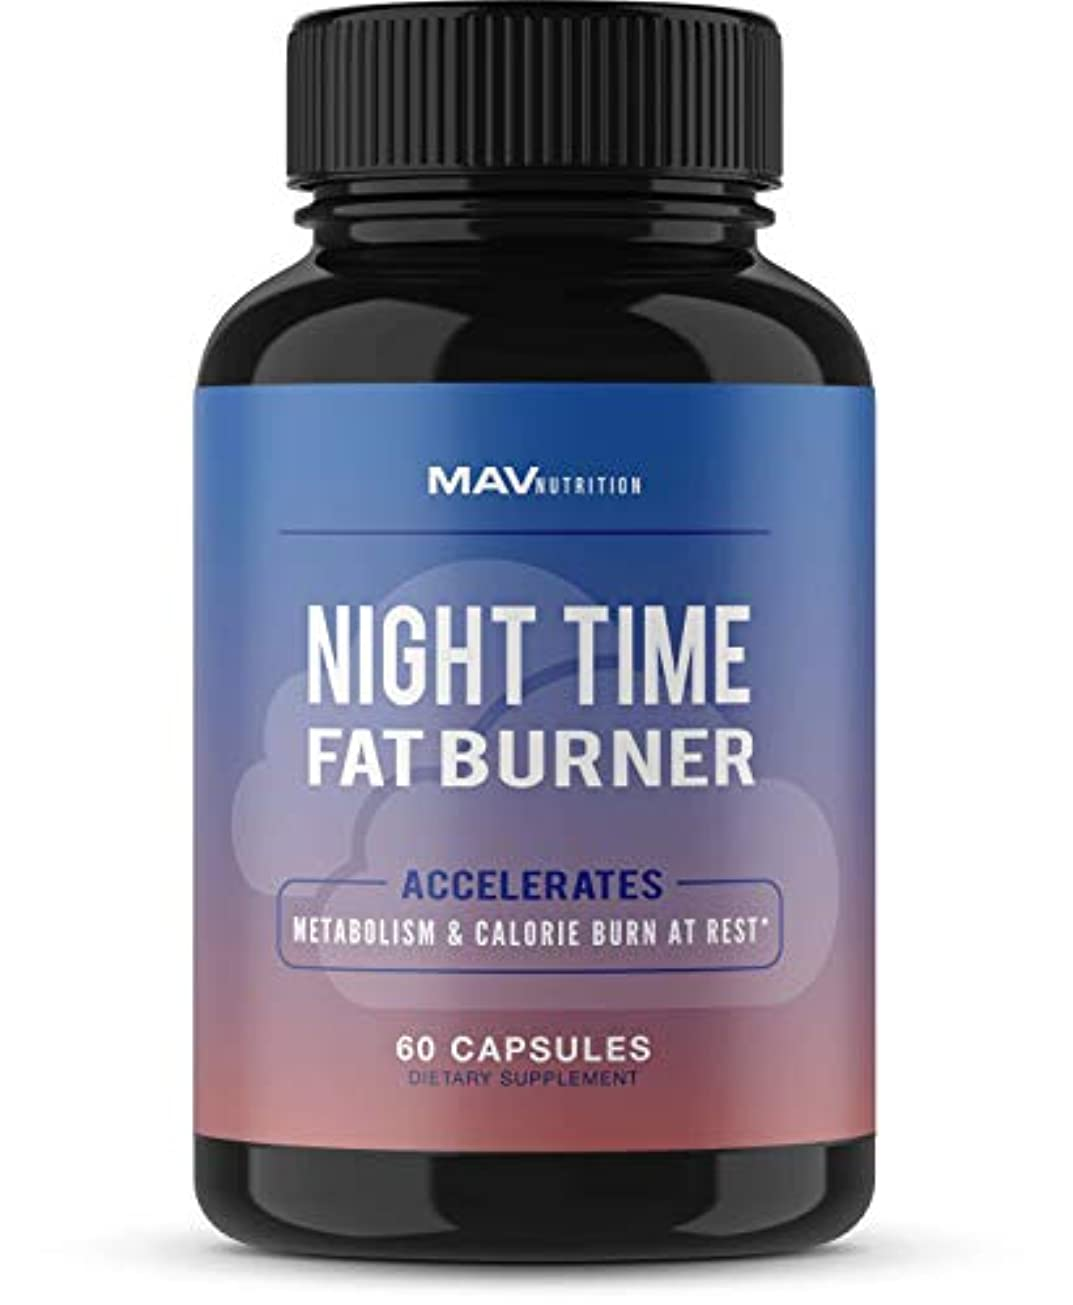 真っ逆さま安定しましたカリングMAV Nutrition Night Time Fat Burner 寝ながら脂肪燃焼 ダイエット サプリ 60粒 [海外直送品]